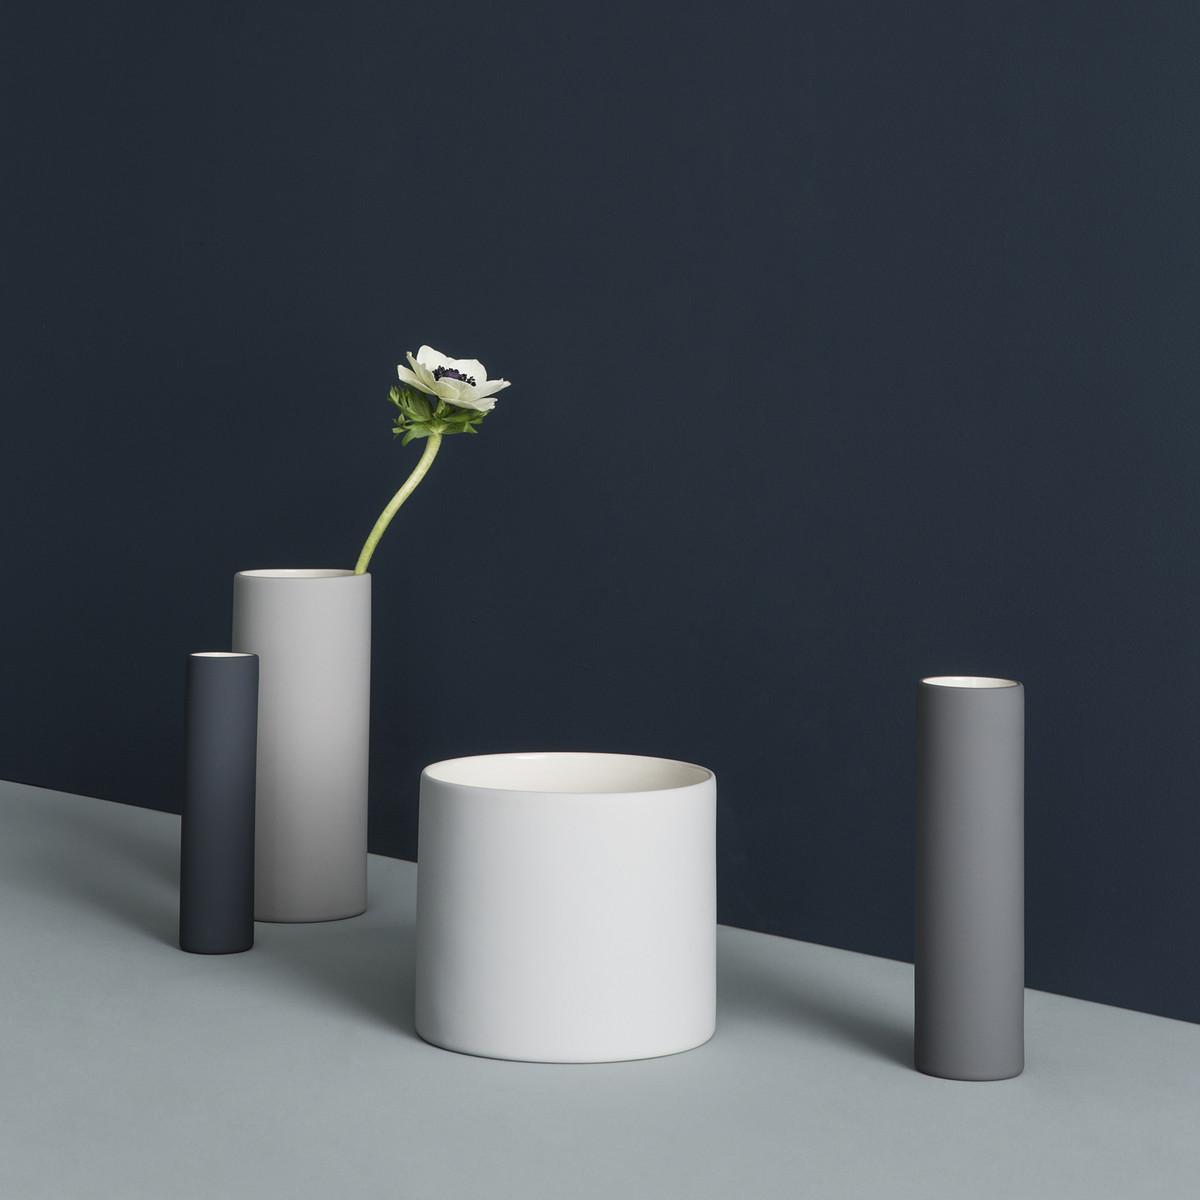 ferm living collect vasen set im shop. Black Bedroom Furniture Sets. Home Design Ideas